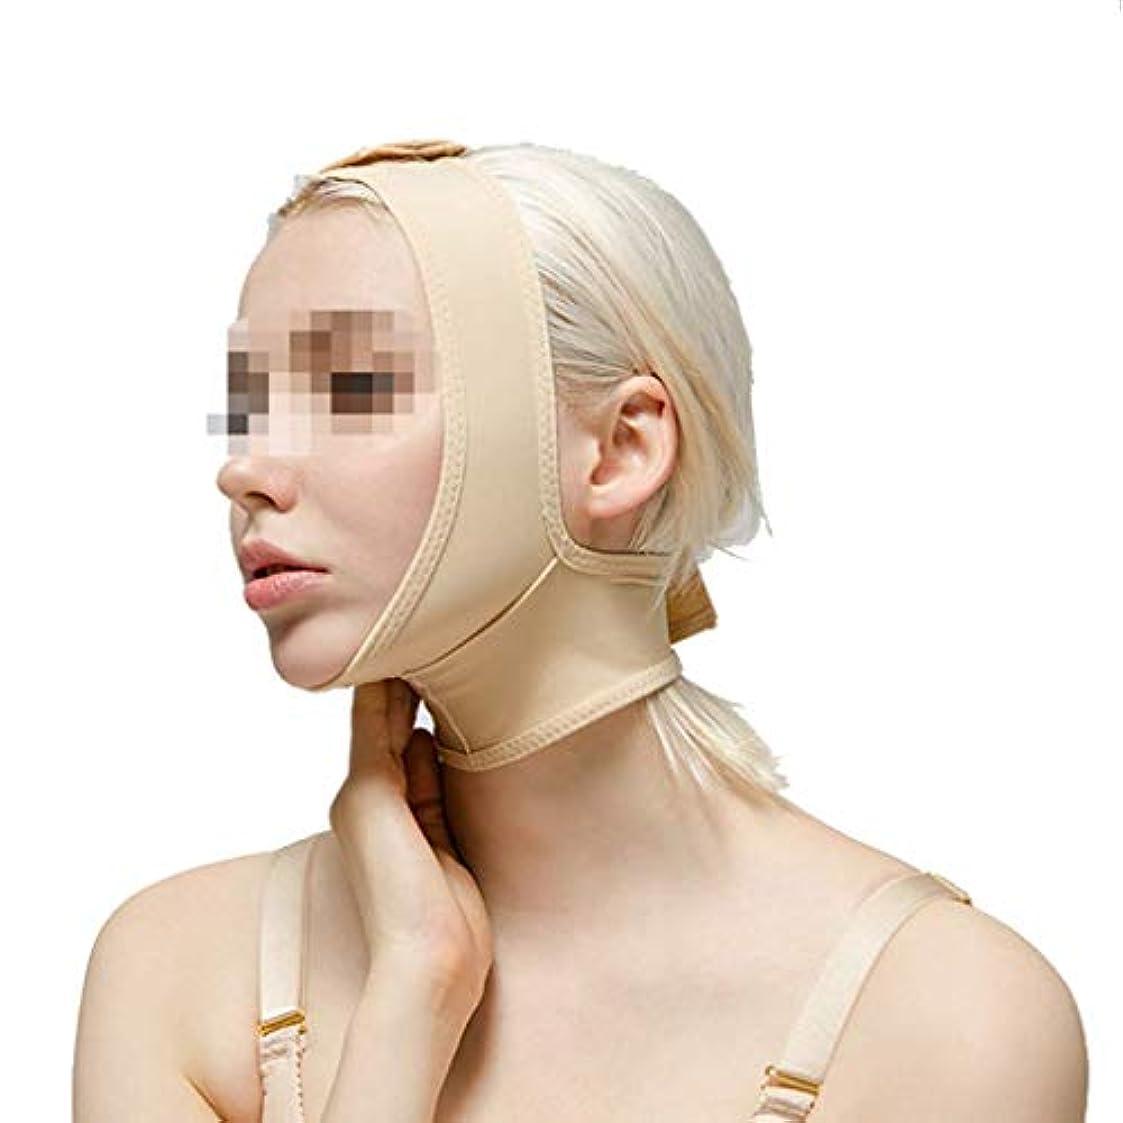 もの家族と闘う術後伸縮性スリーブ、下顎束フェイスバンデージフェイシャルビームダブルチンシンフェイスマスクマルチサイズオプション(サイズ:L),S